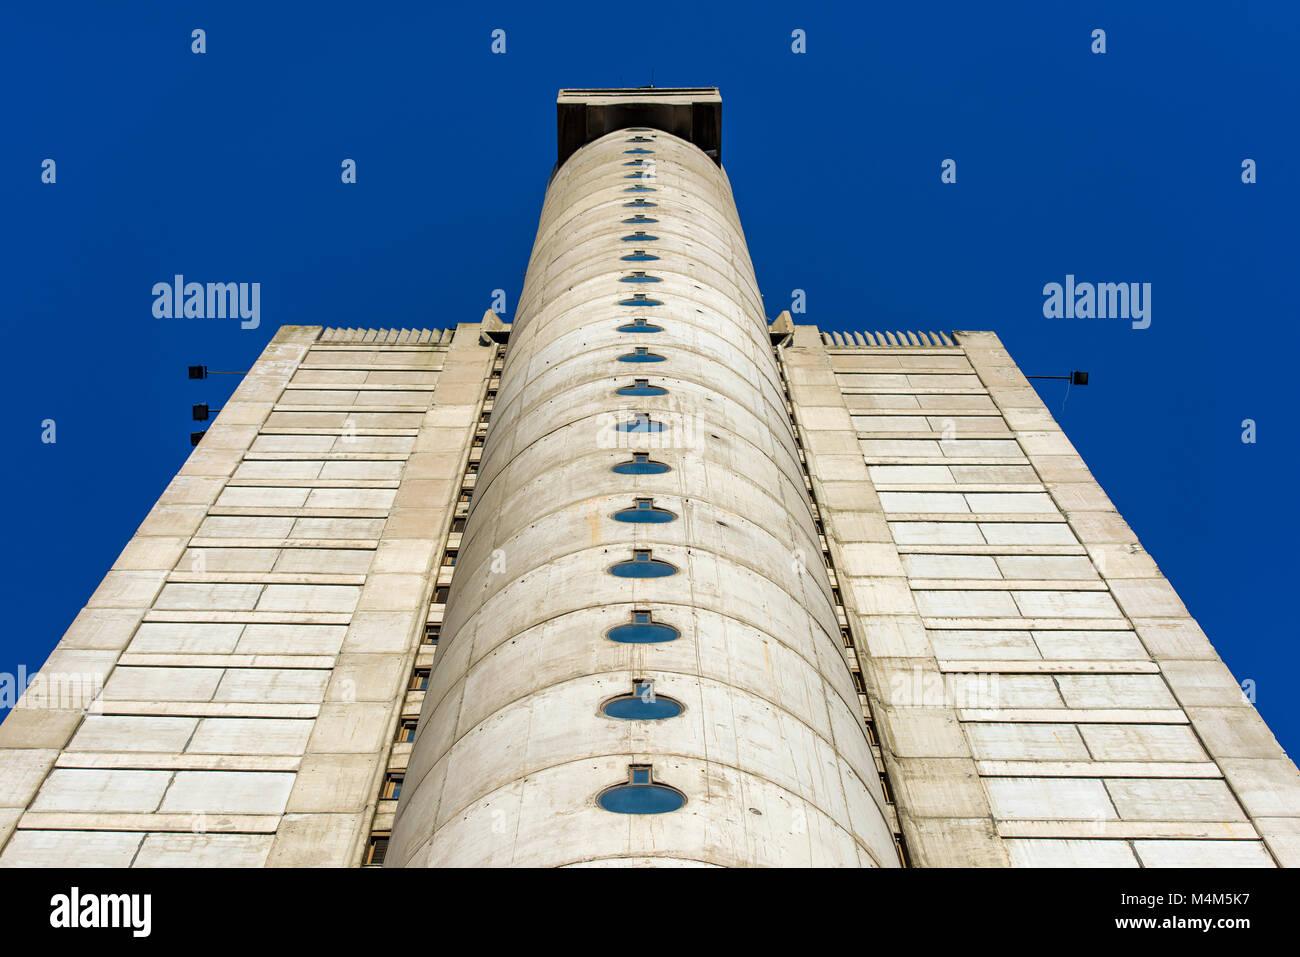 La porte ouest de Belgrade, capitale de la Serbie, l'exemple de l'architecture communiste brutalisme dans Banque D'Images